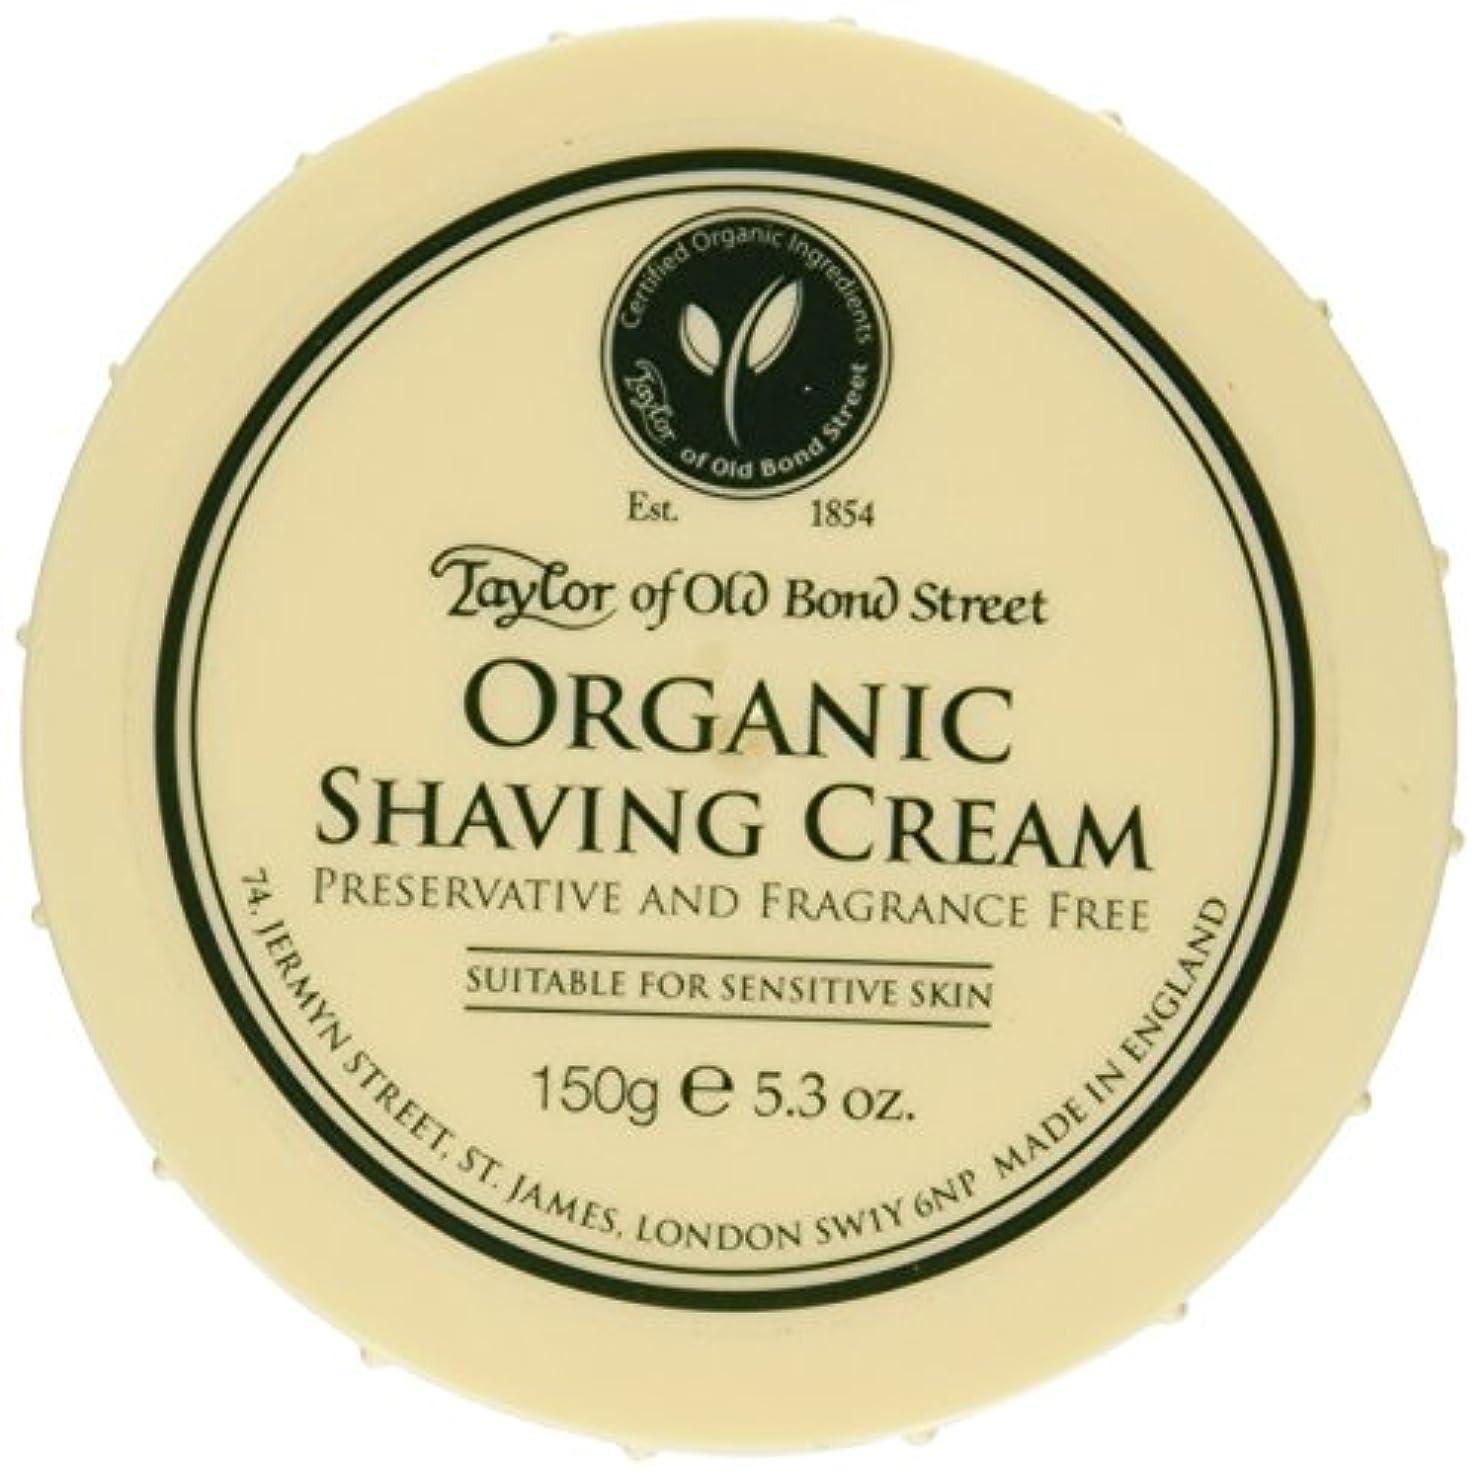 アウター撤回するモートTaylor of Old Bond Street Organic Shaving Cream w/ Aloe & Jojoba *New* 5.3 oz. by Taylor of Old Bond Street